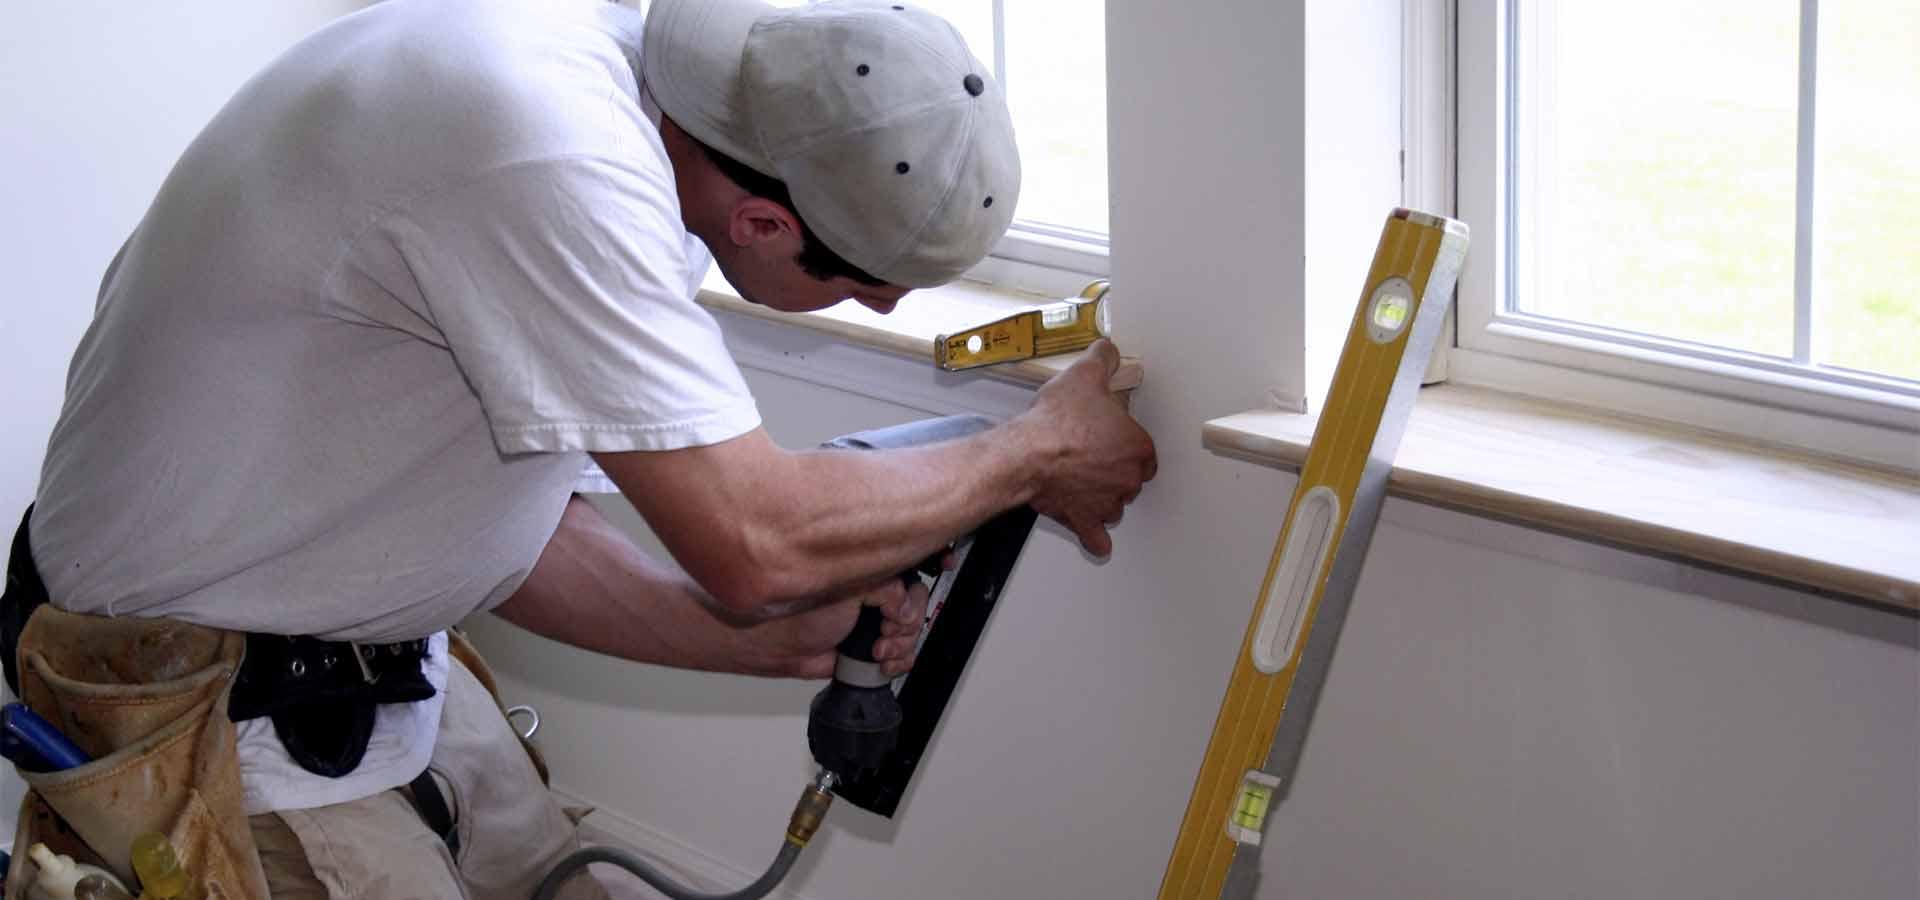 Artigian Pietre Impresa Costruzioni Edili Sistemazione Serramenti